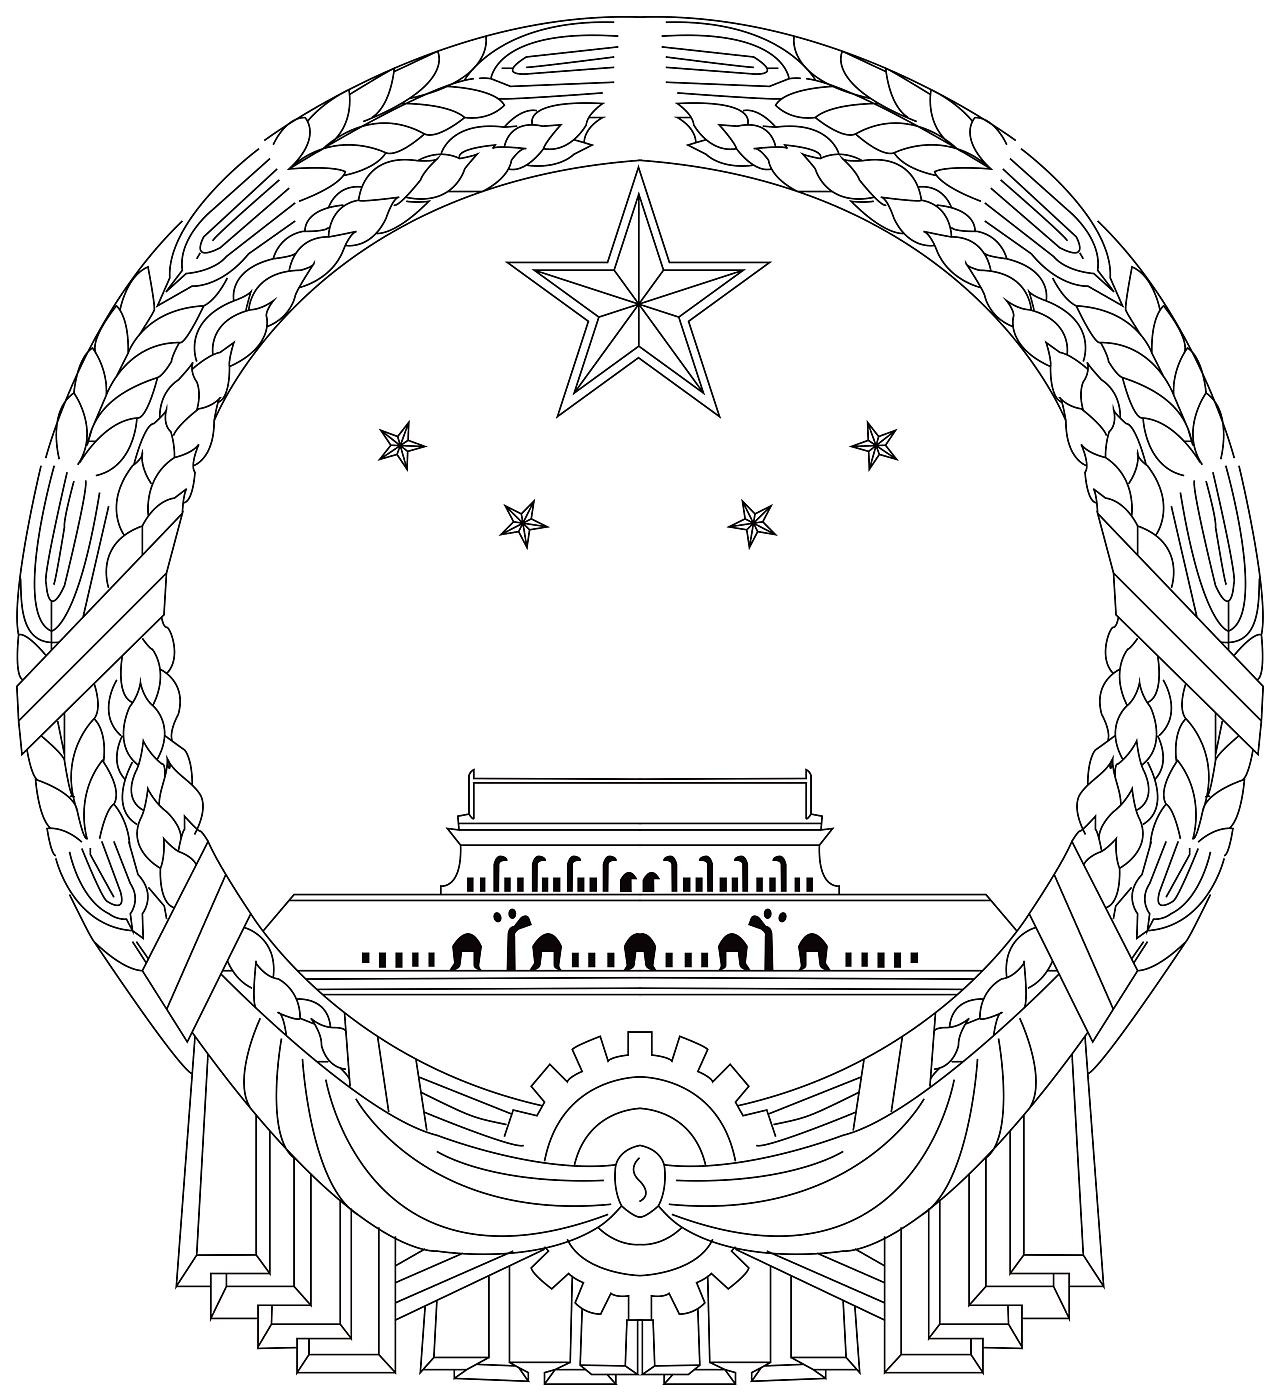 国徽怎么画简笔画图解分享展示